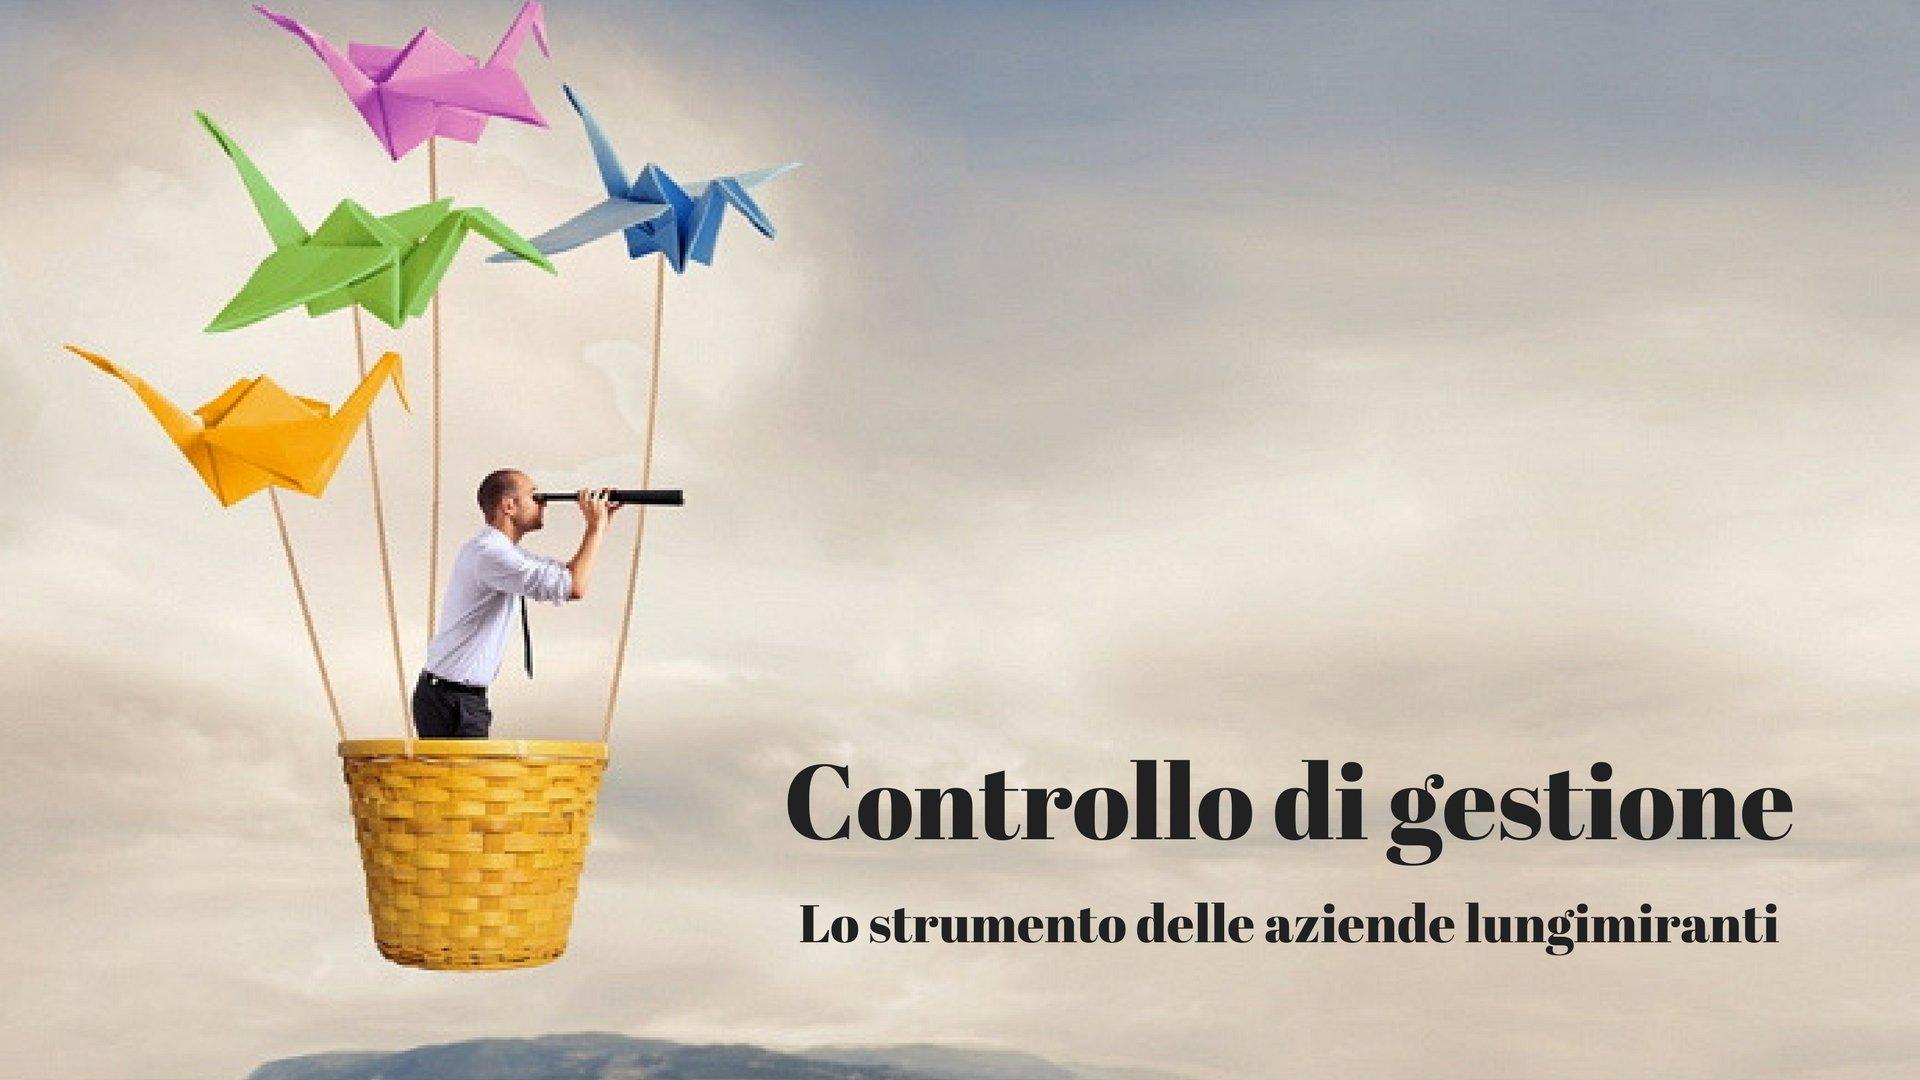 Controllo di gestione aziendale, sopravvivere nel tempo